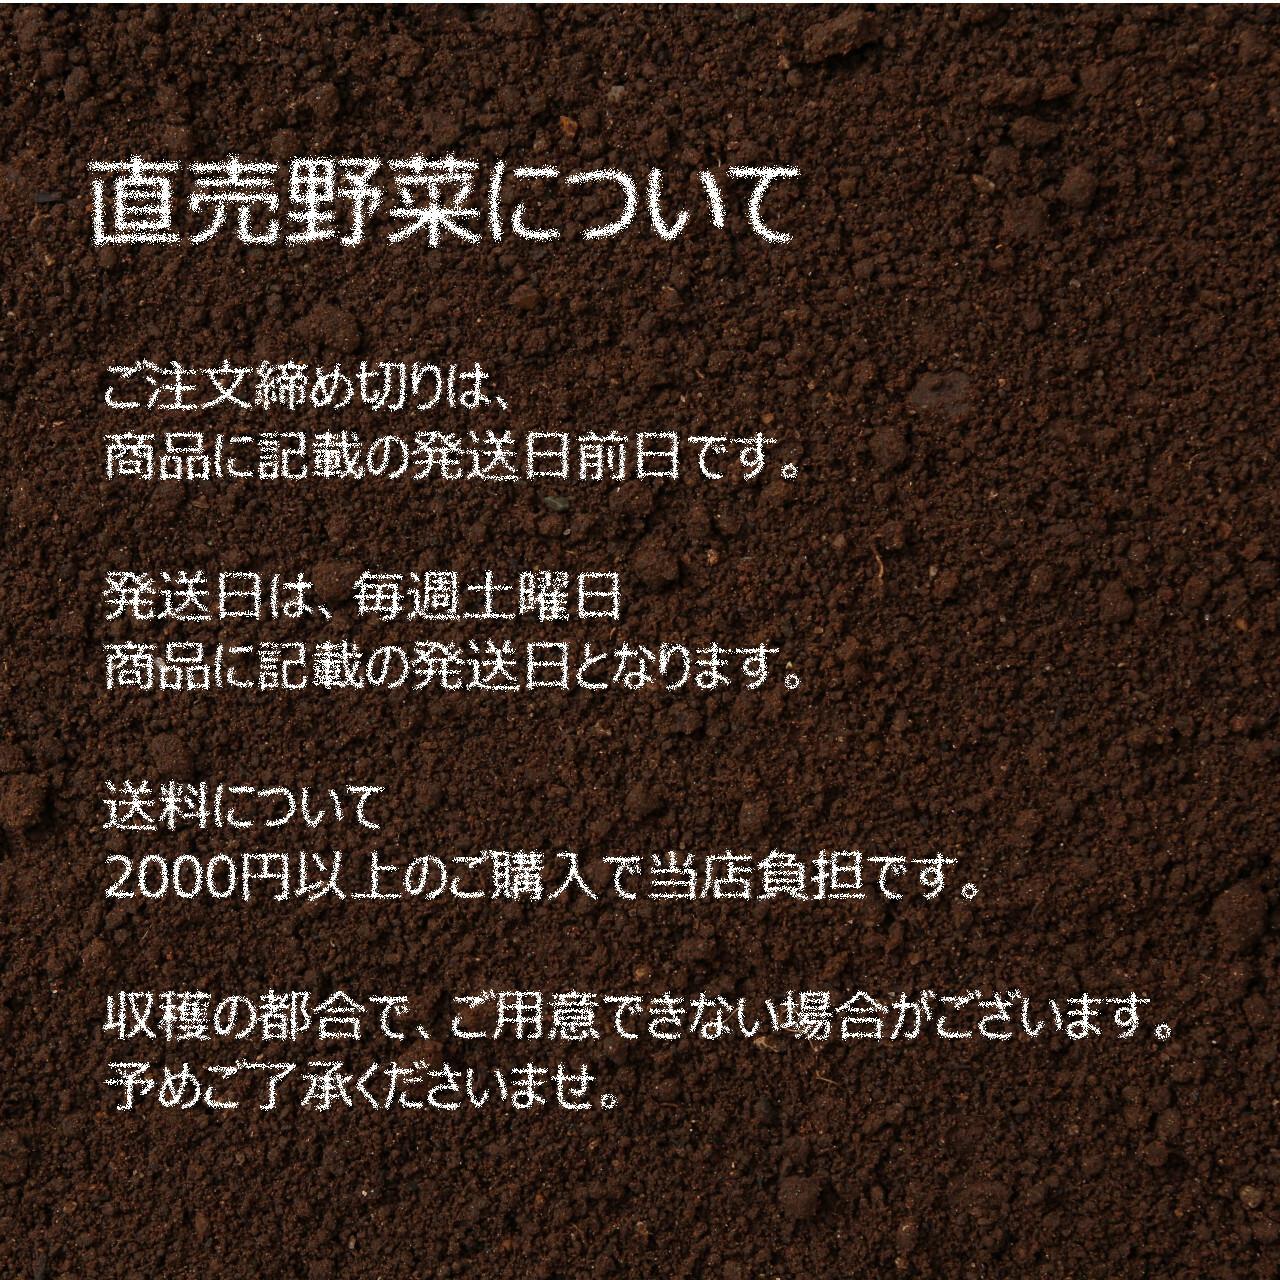 新鮮な秋野菜 : インゲン 約150g 9月の朝採り直売野菜 9月5日発送予定